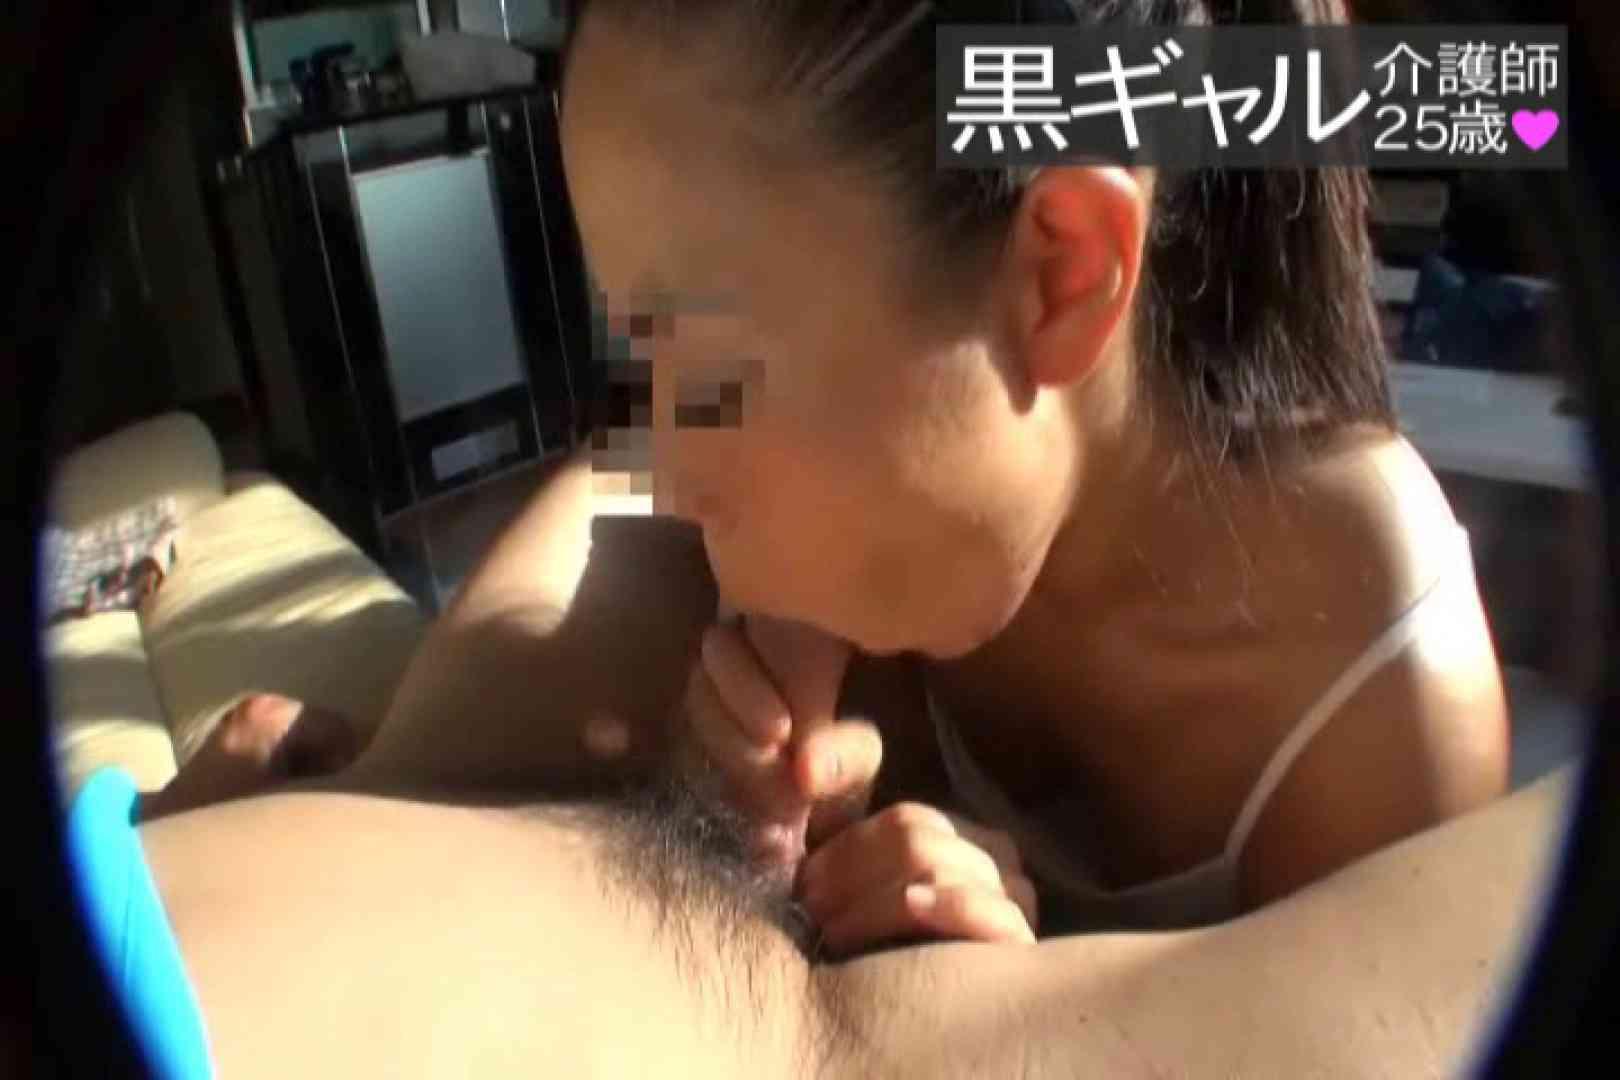 独占入手 従順M黒ギャル介護師25歳vol.6 勃起した一物 セックス無修正動画無料 65pic 27